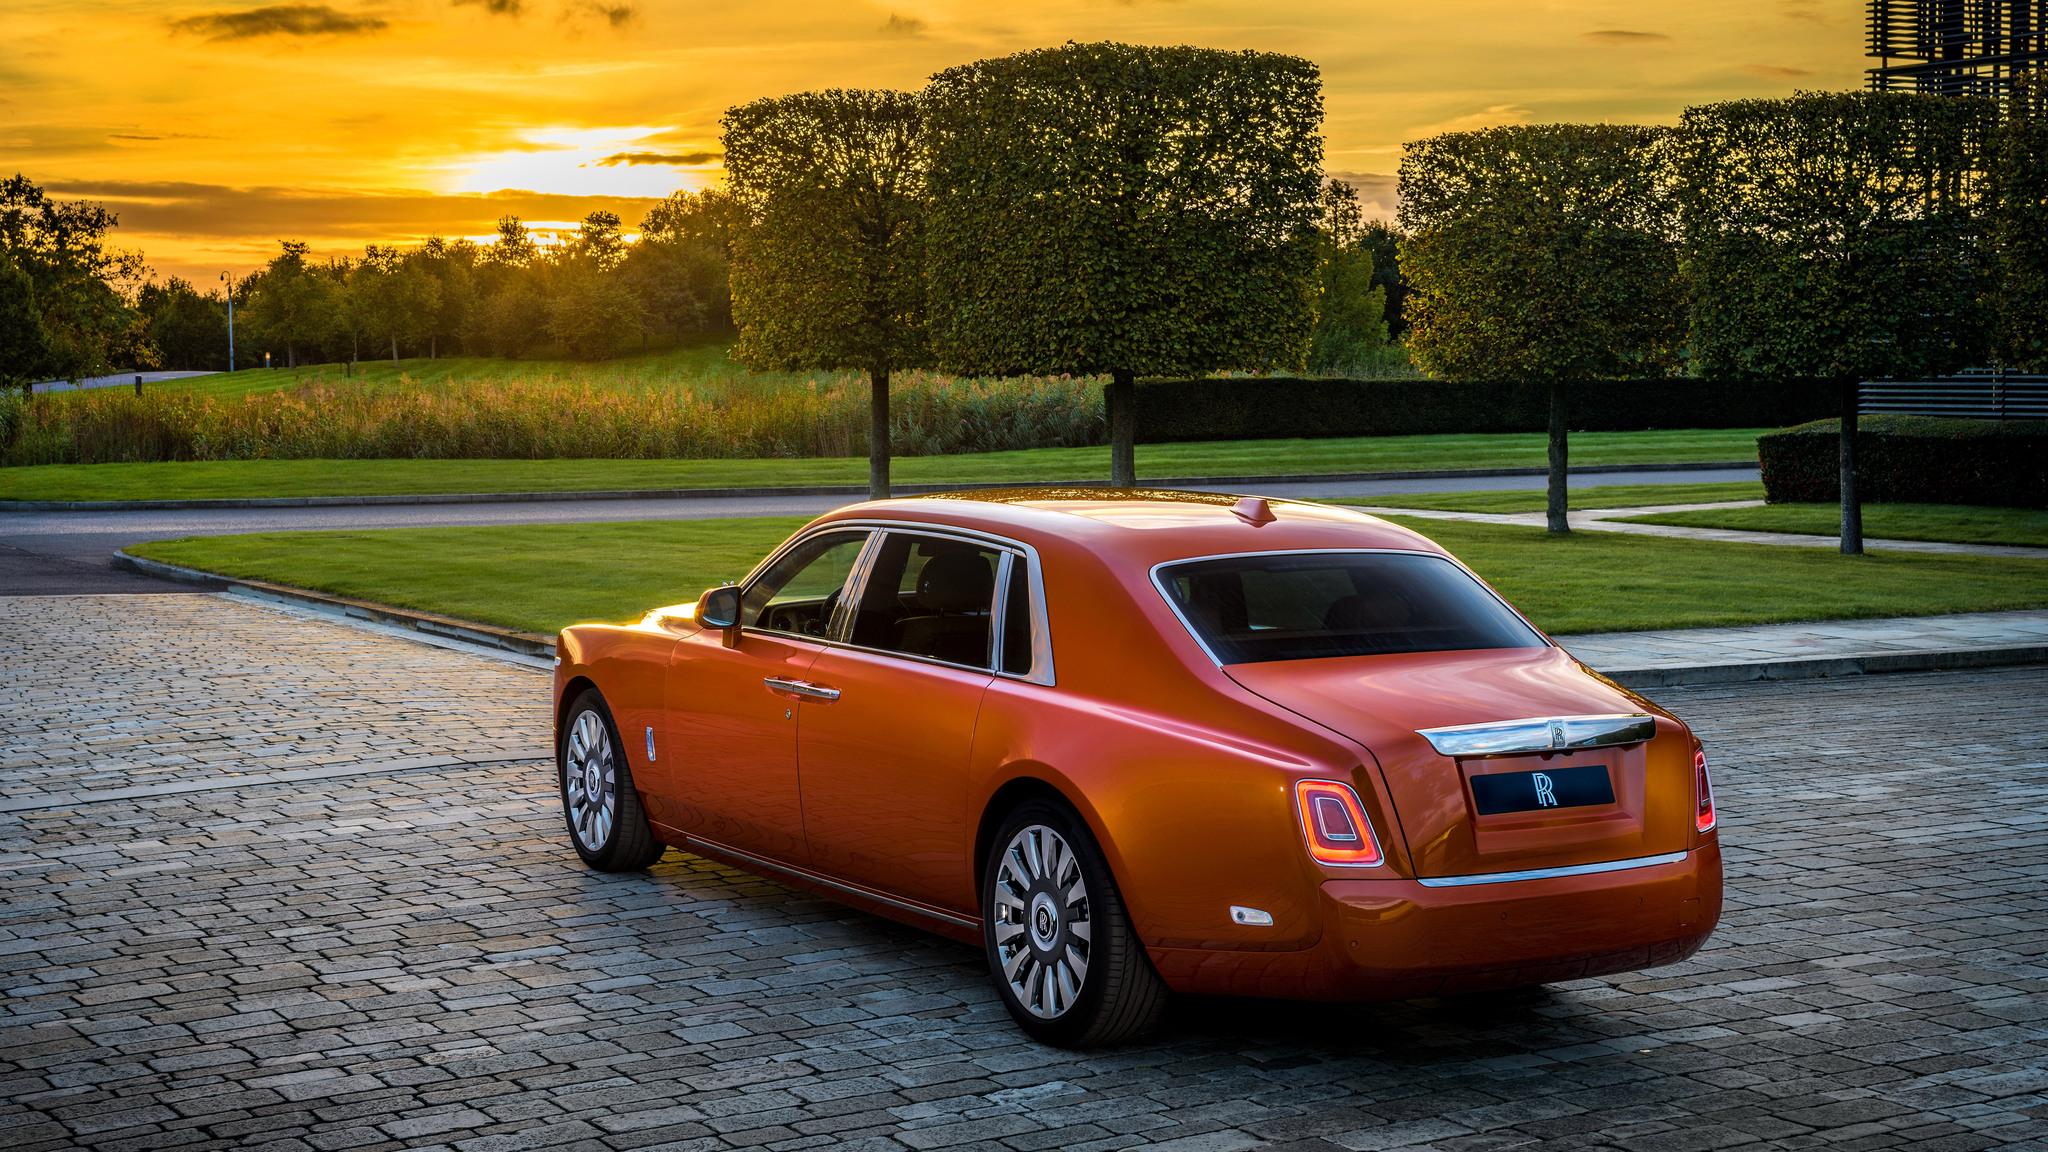 2048x1152 Rolls Royce Phantom Ewb 4k Rear 2048x1152 Resolution Hd 4k